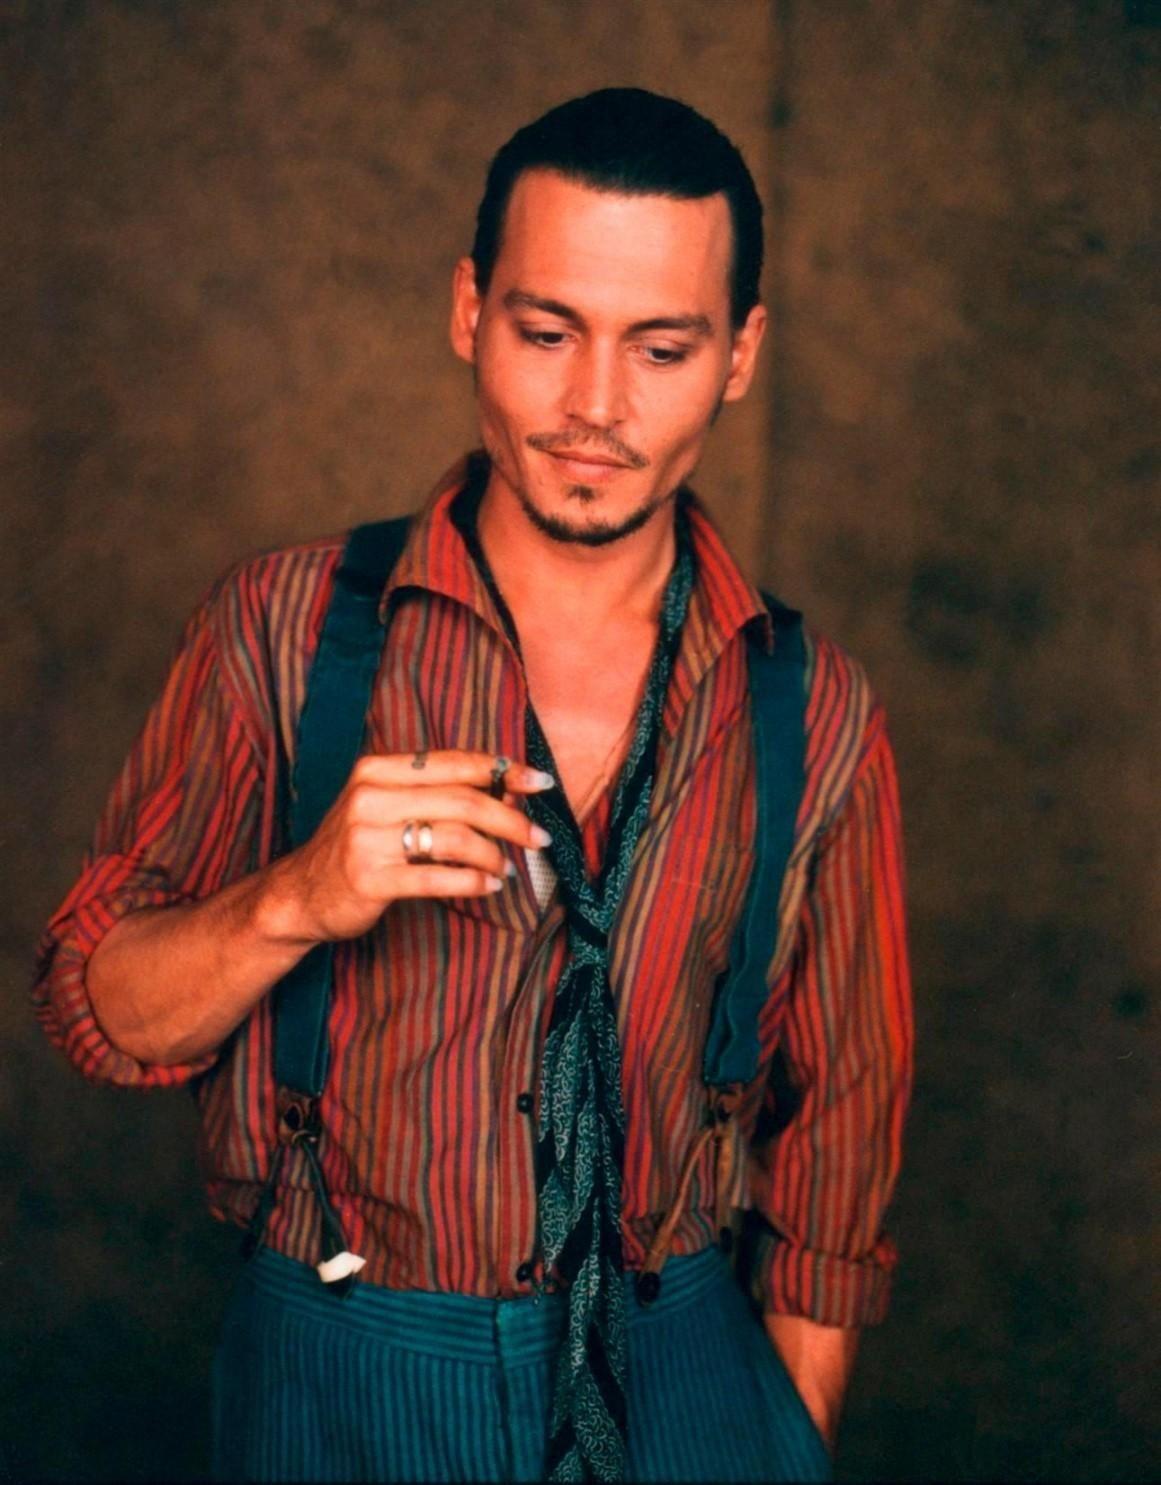 Juliette Binoche Johnny Depp John Huba Chocolat Www HuyUa